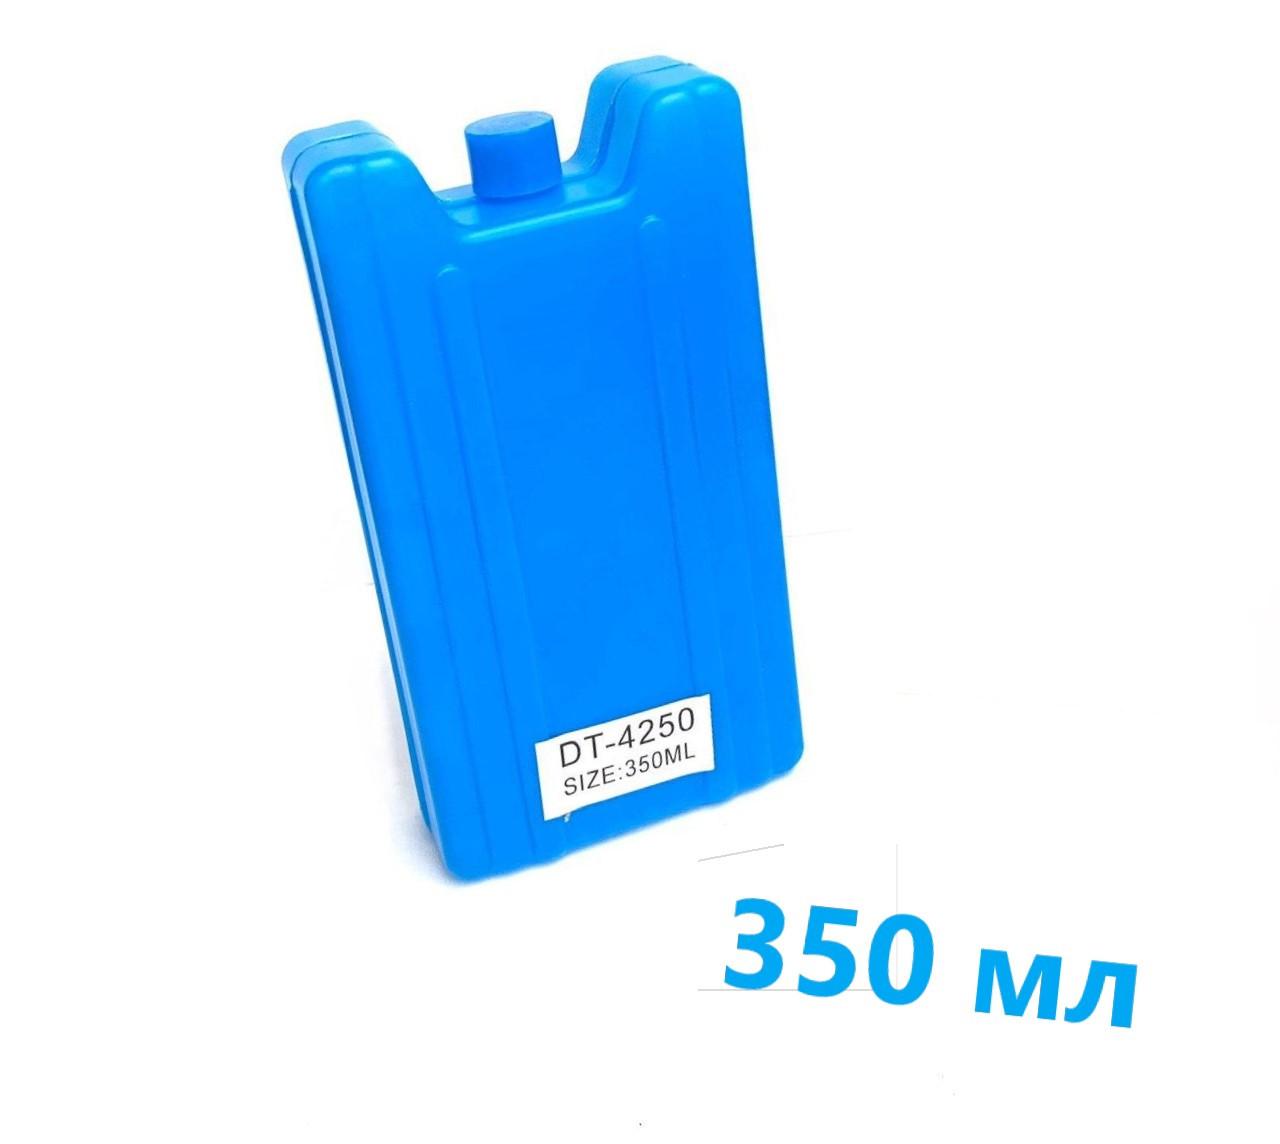 Аккумулятор холода  для сумки-холодильника 350 мл.   Хладагент (4250)